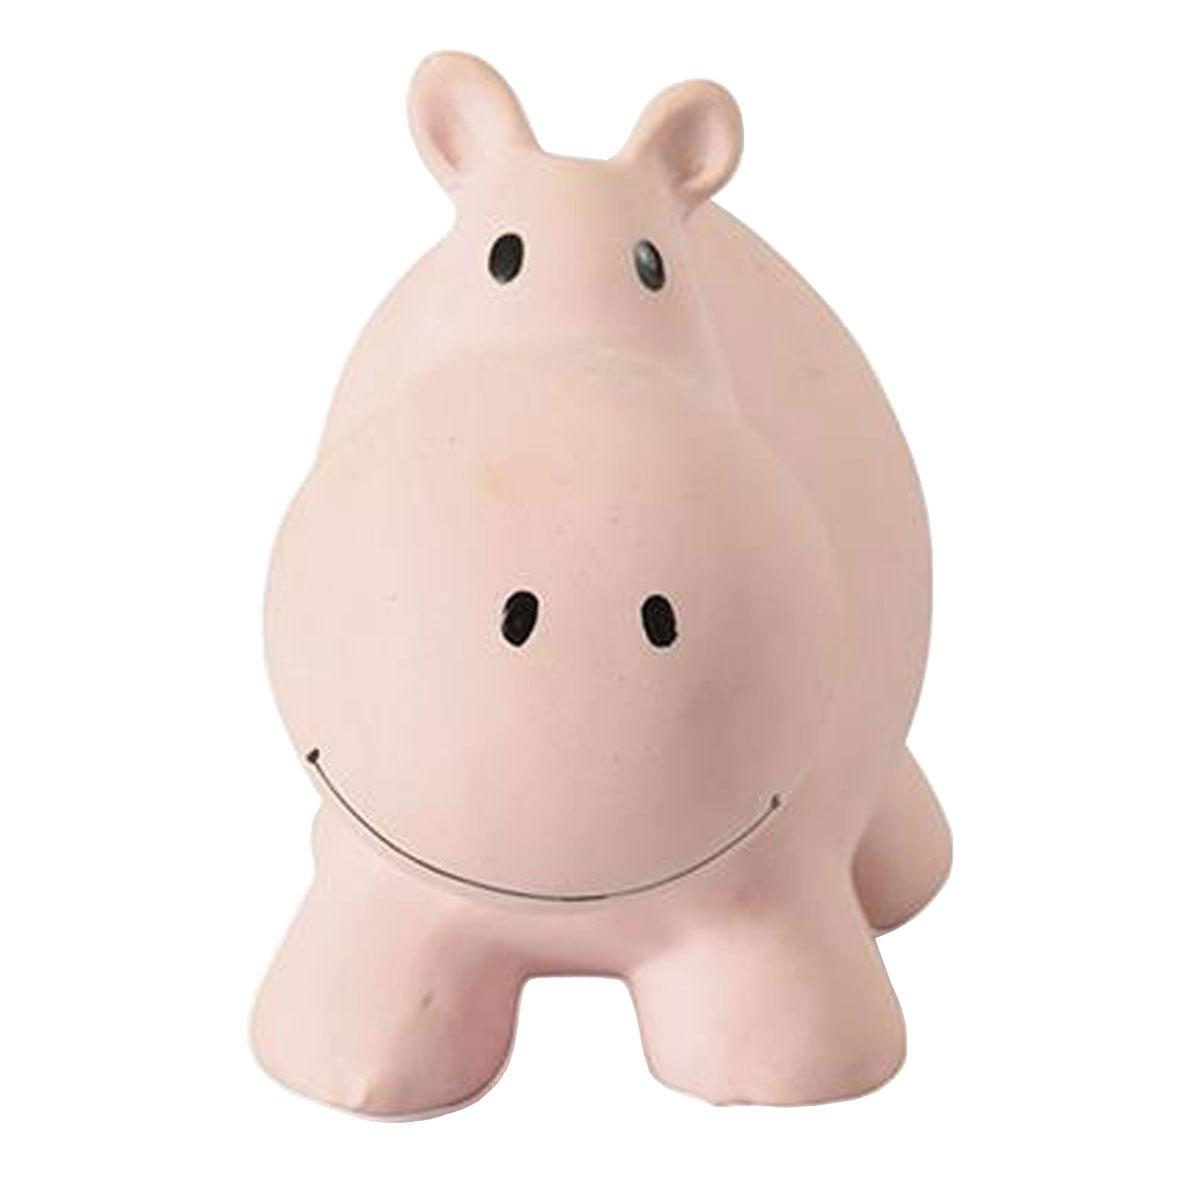 Dentition Jouet de Dentition - Hippo Jouet de Dentition - Hippo